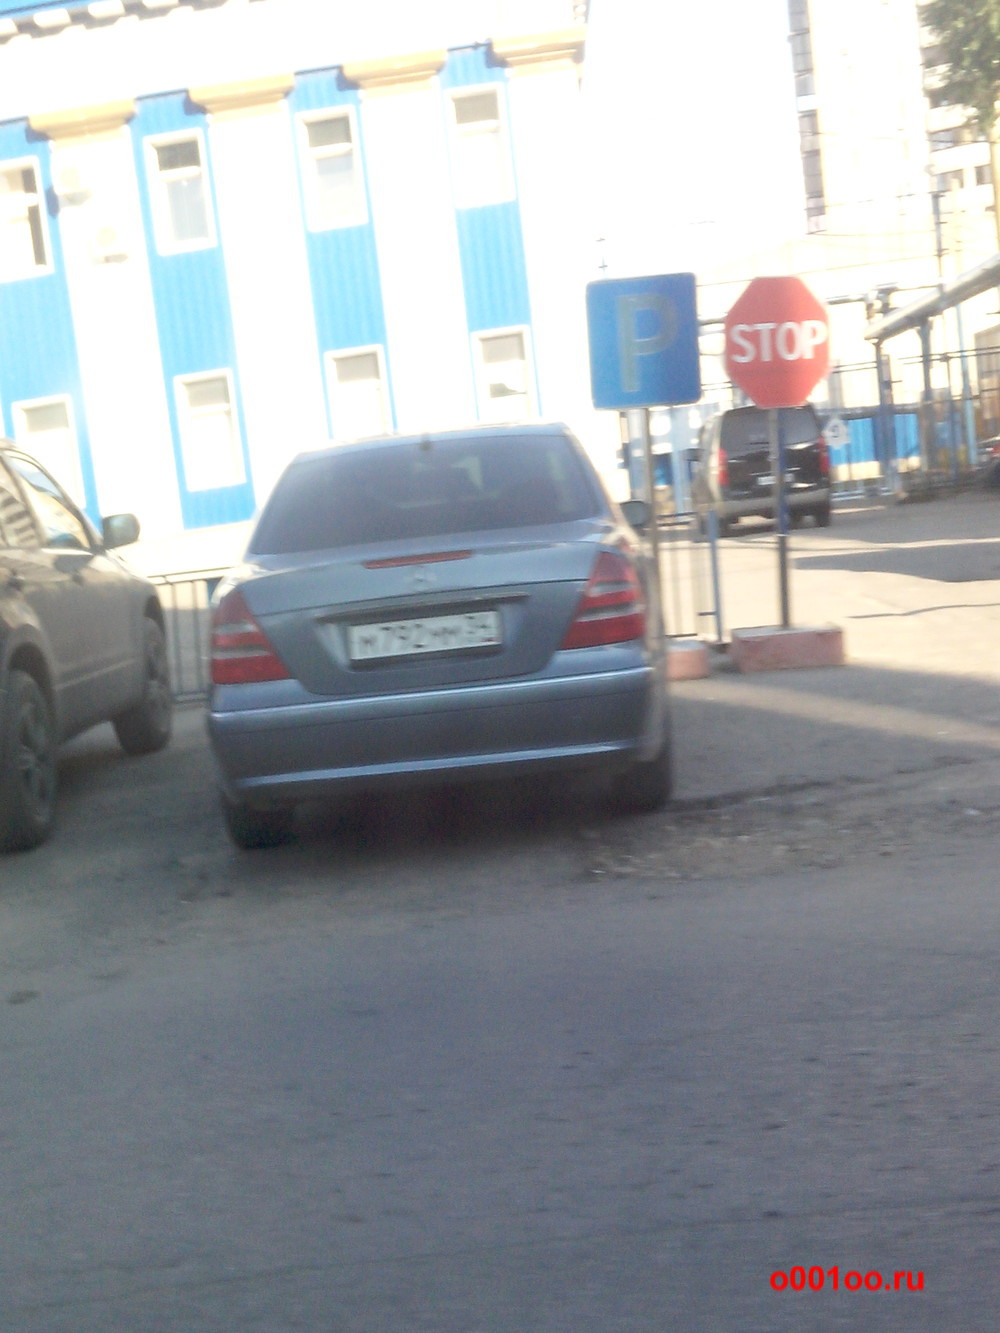 м792мм34